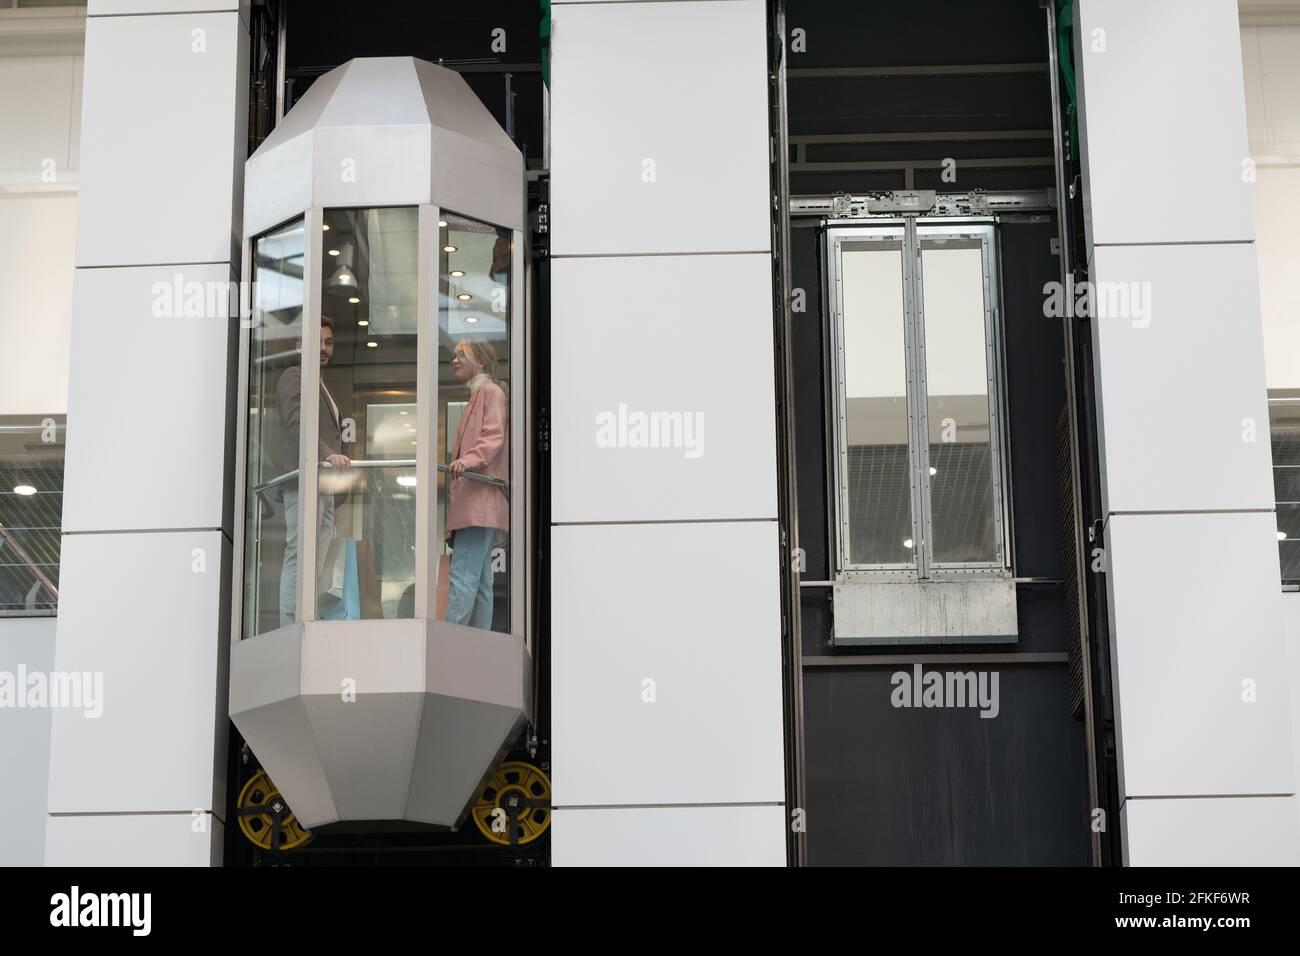 Une personne debout dans un ascenseur en mouvement à l'intérieur d'un grand centre commercial contemporain Banque D'Images